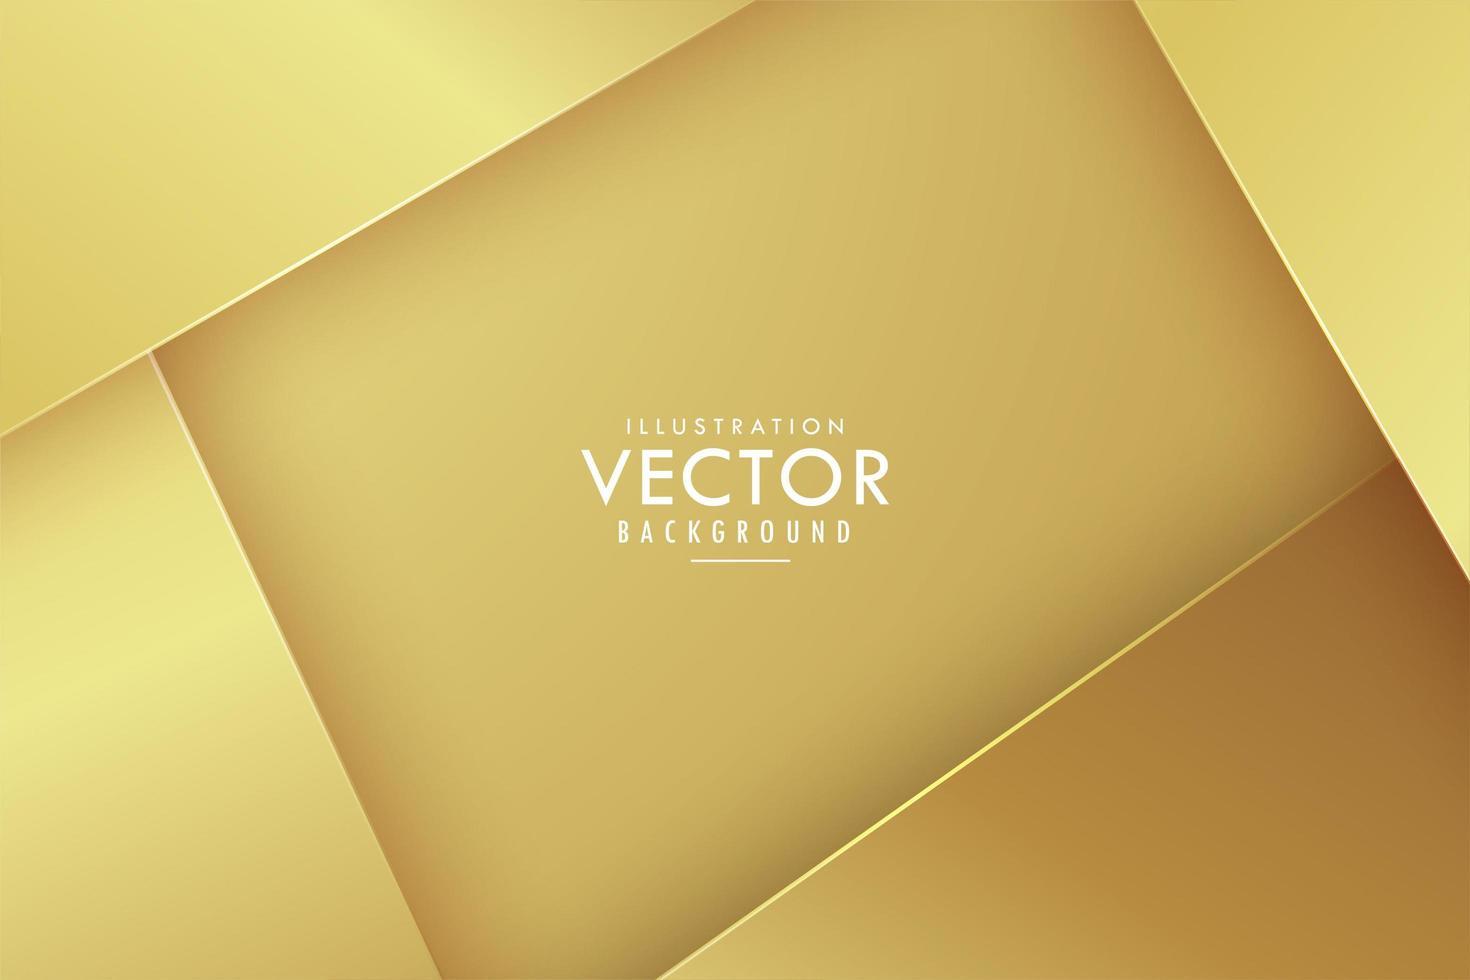 couches angulaires superposées dorées vecteur